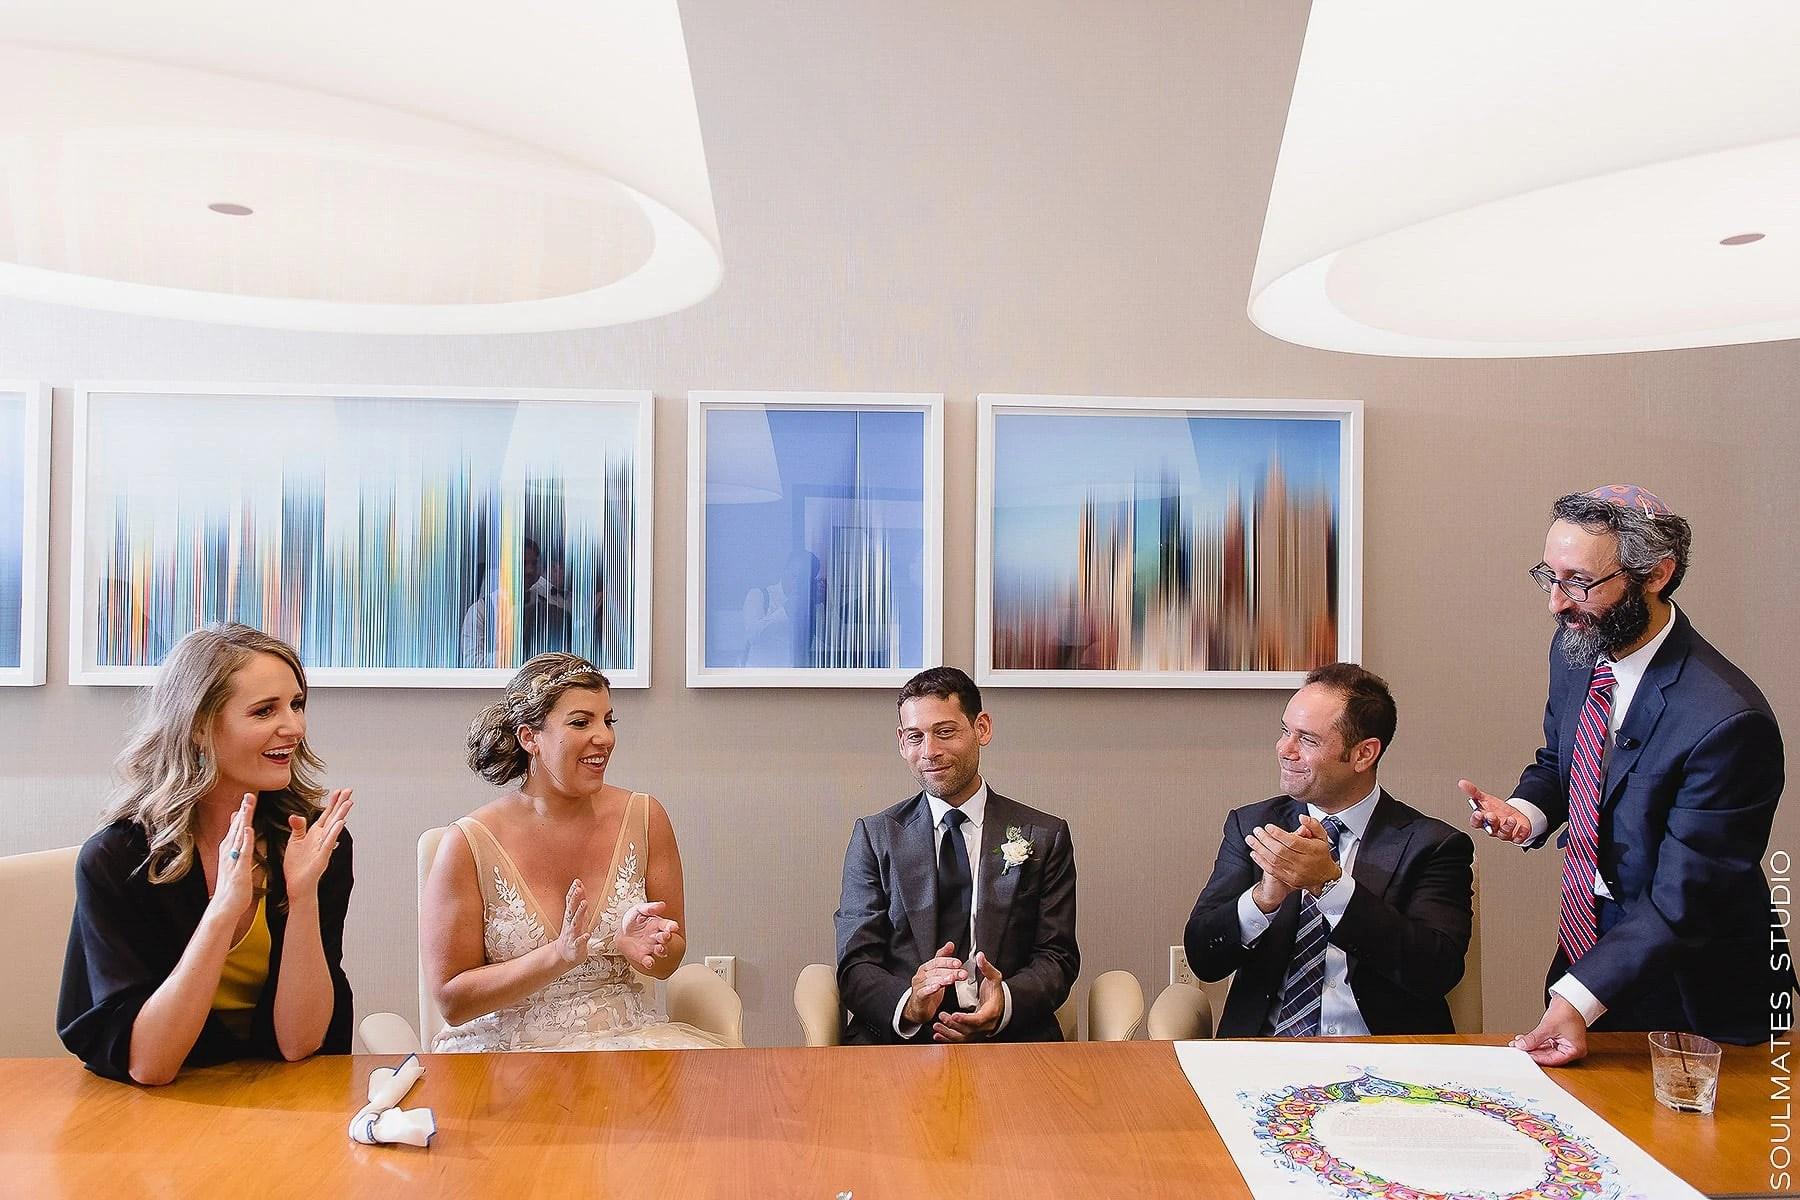 Jewish Wedding Ketubah signing at New Jersey Hyatt Regency